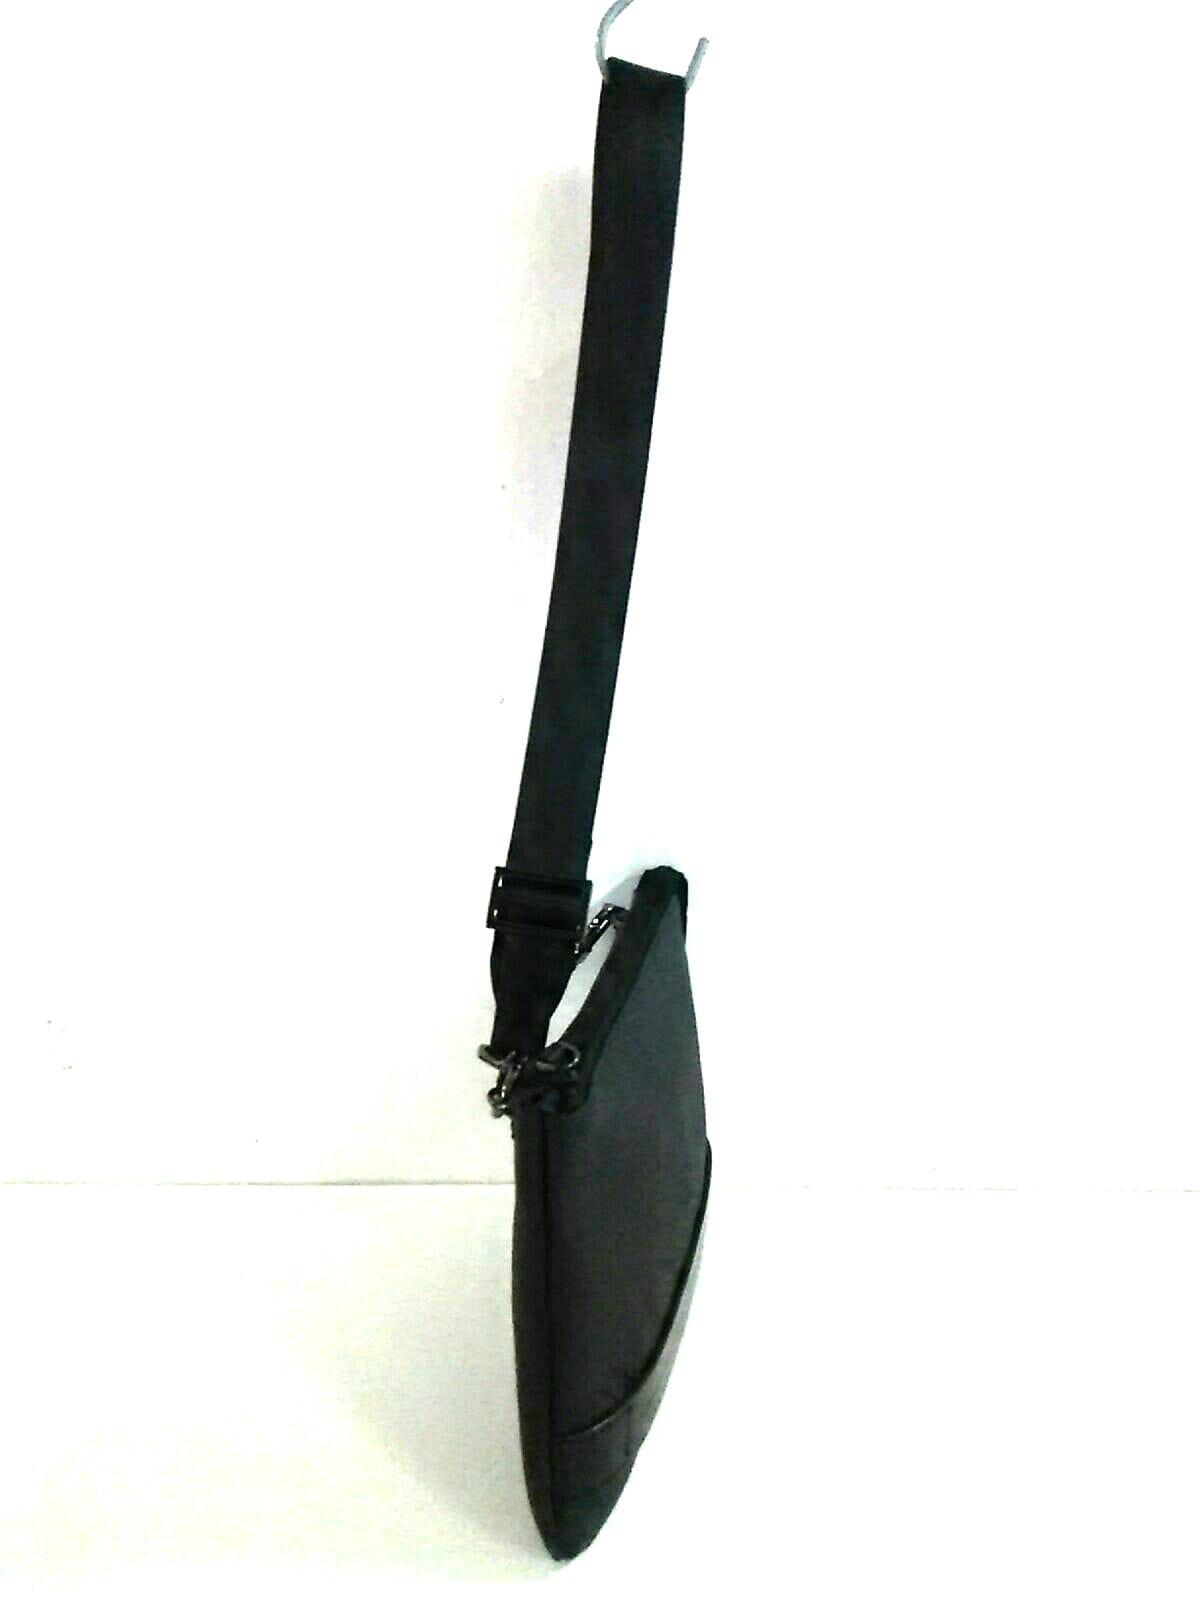 ZERO HALLIBURTON(ゼロハリバートン)のクラッチバッグ